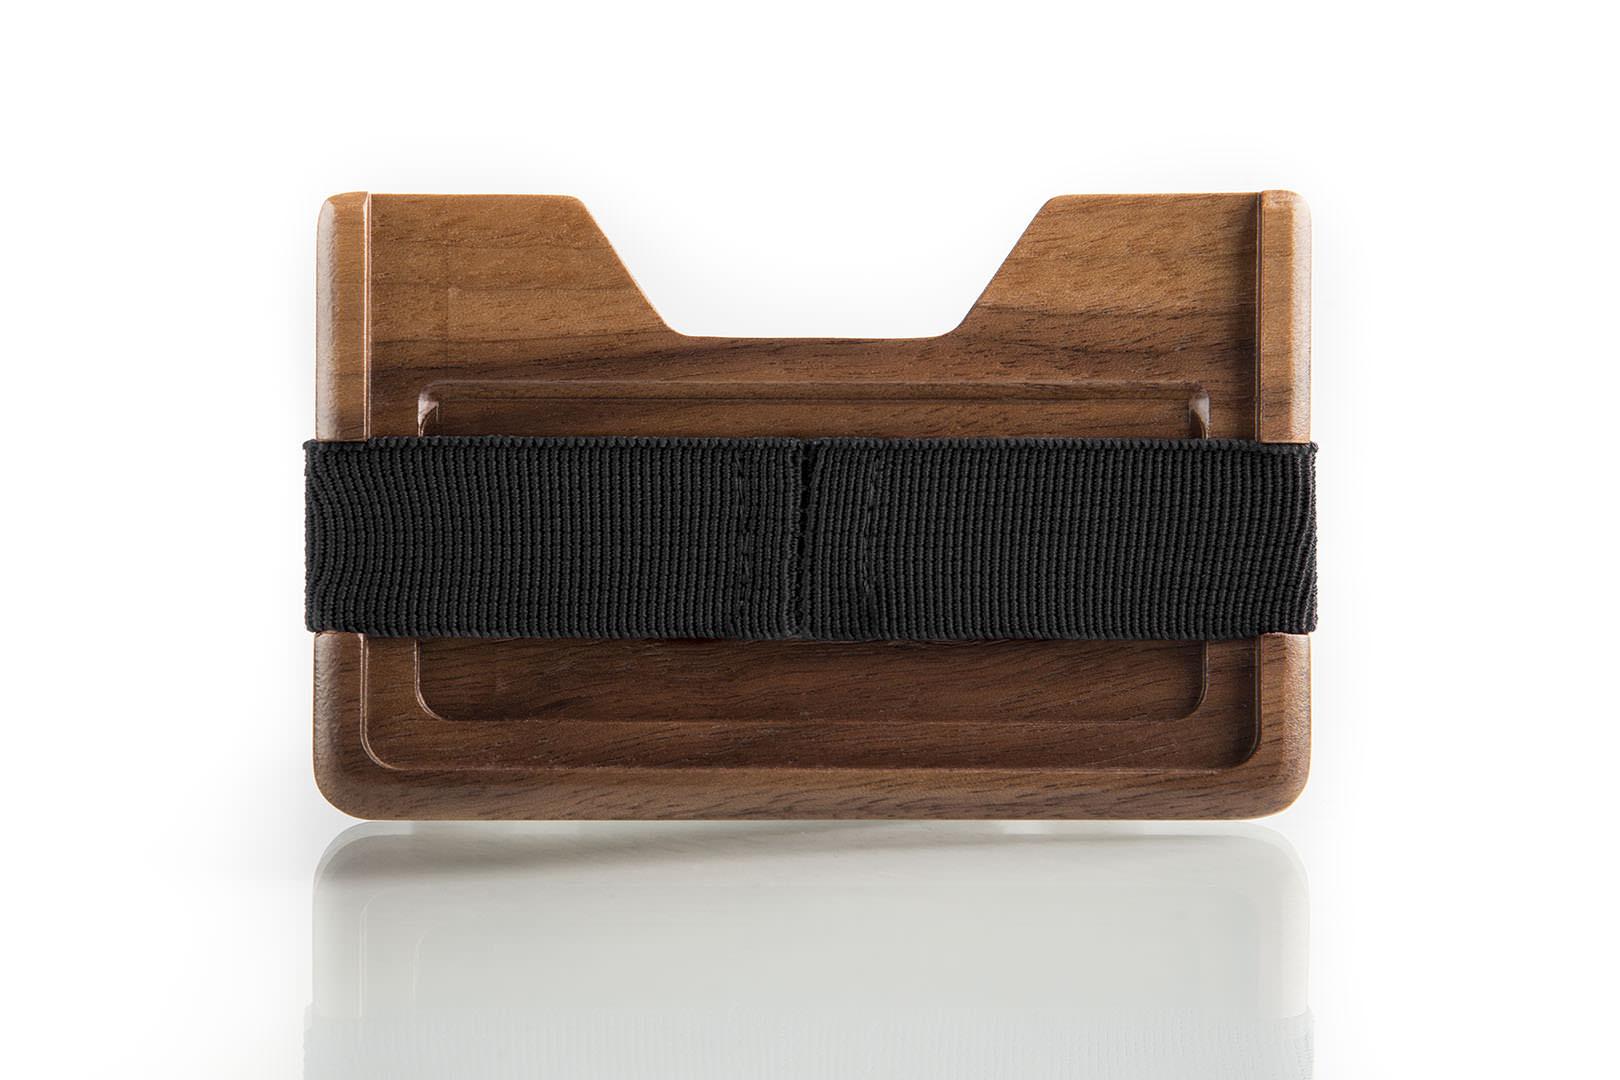 lumberjack_wallet_09